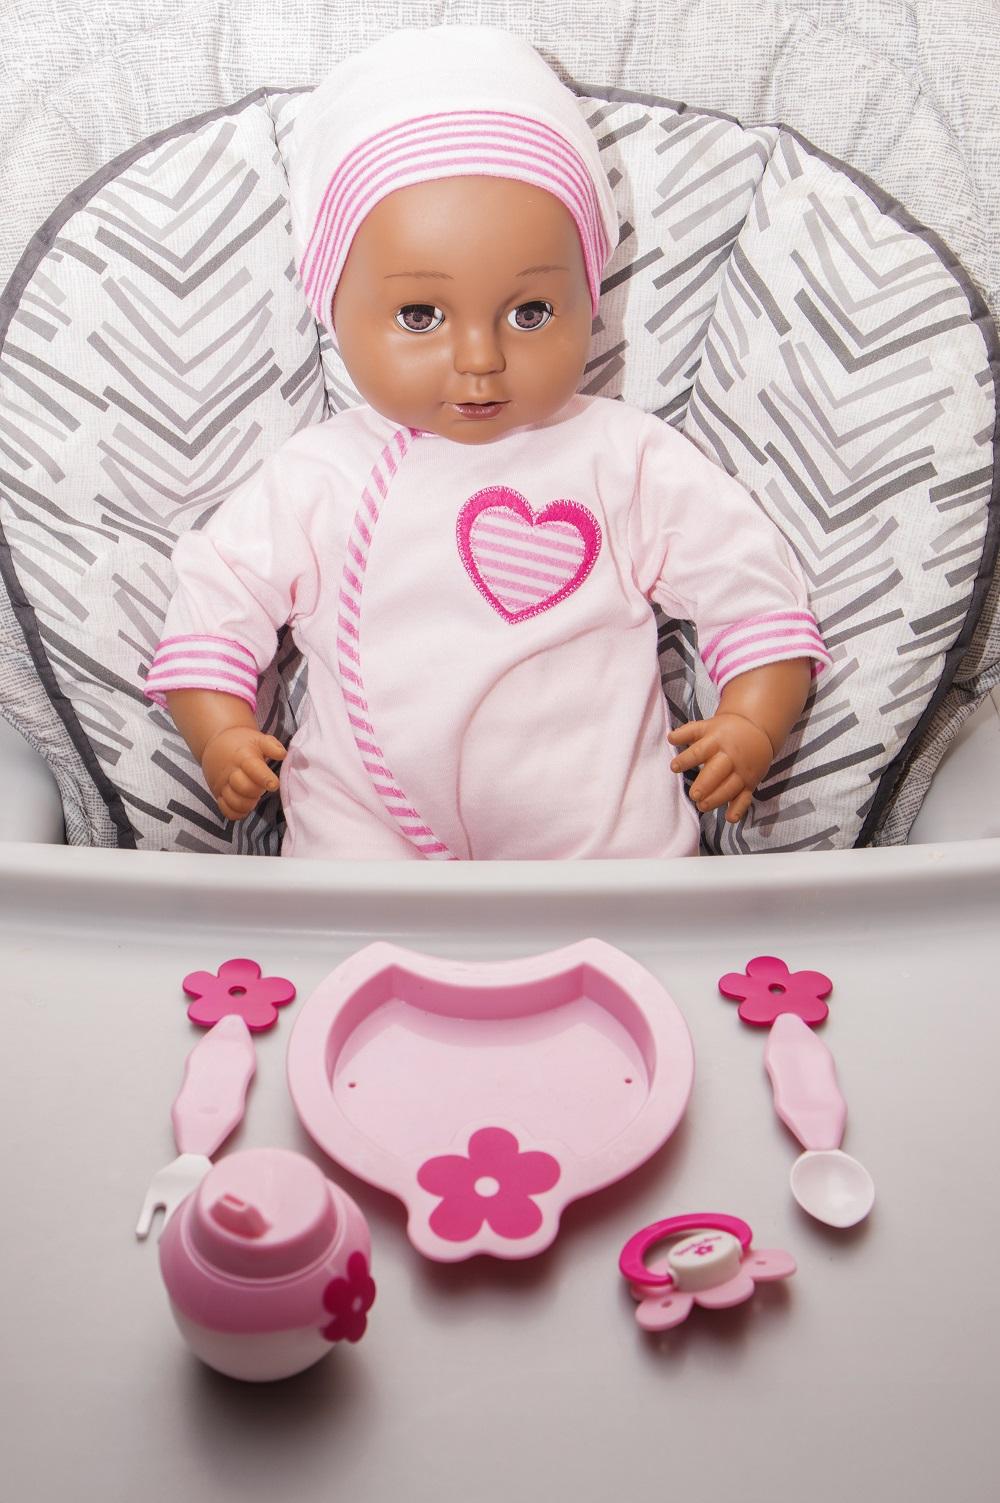 Baby Thando Giveaway - PeanutGallery247